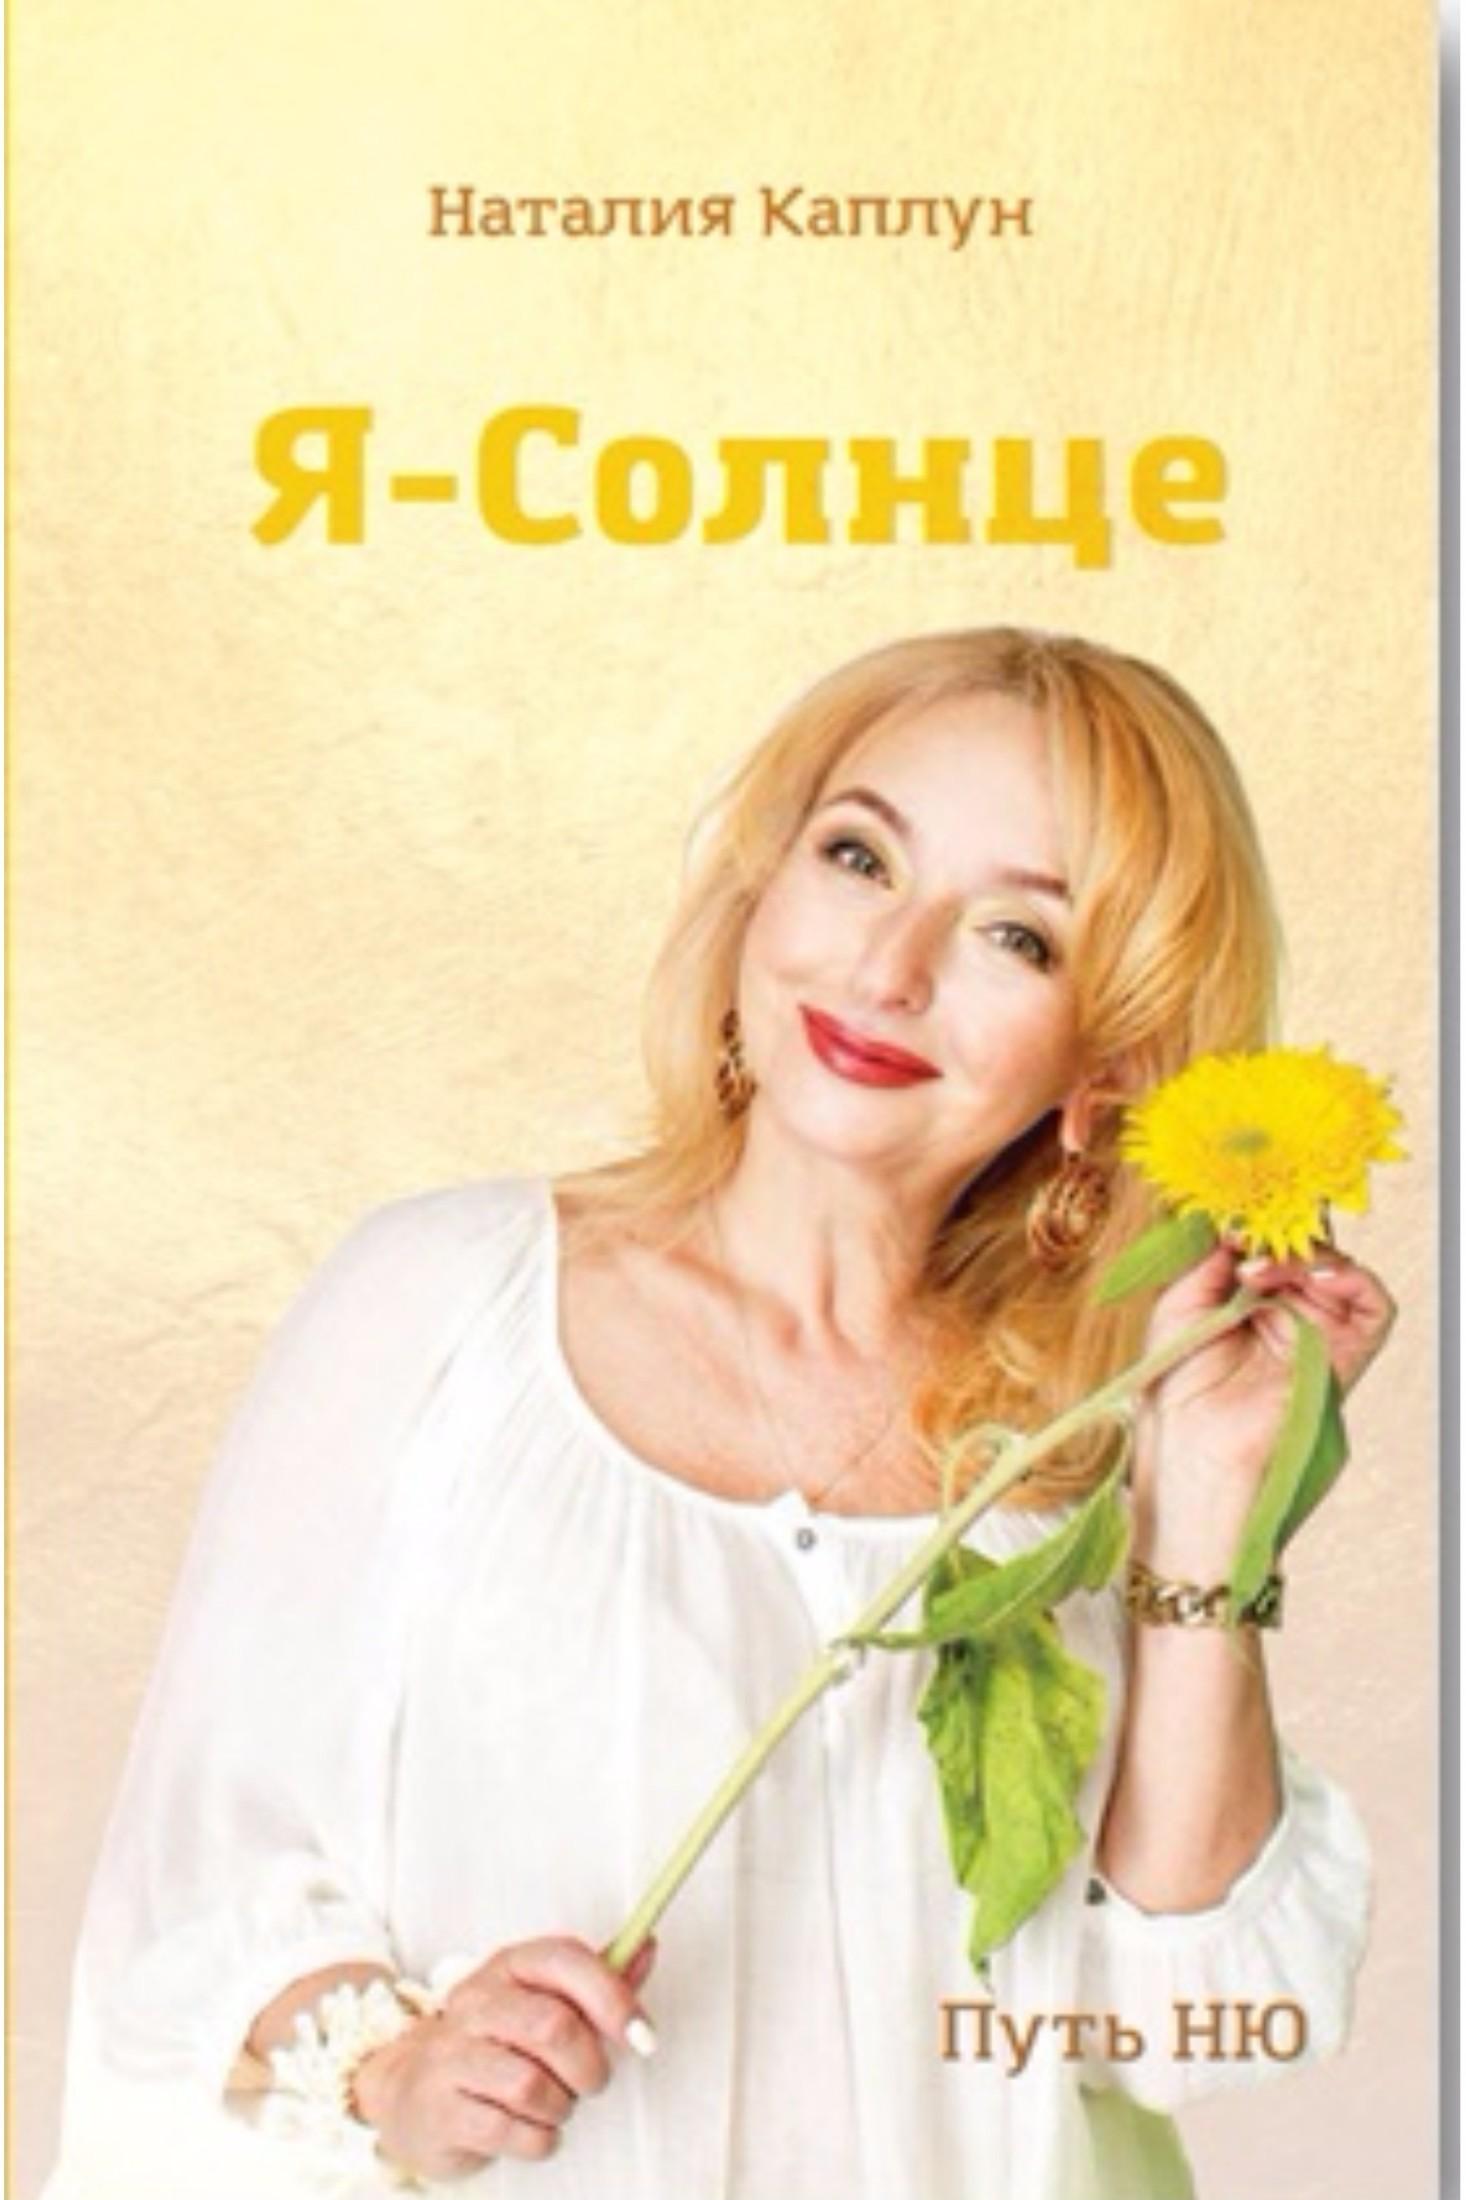 Наталия Каплун Я – Солнце художественные книги эксмо книга кыш двапортфеля и целая неделя кыш и я в крыму